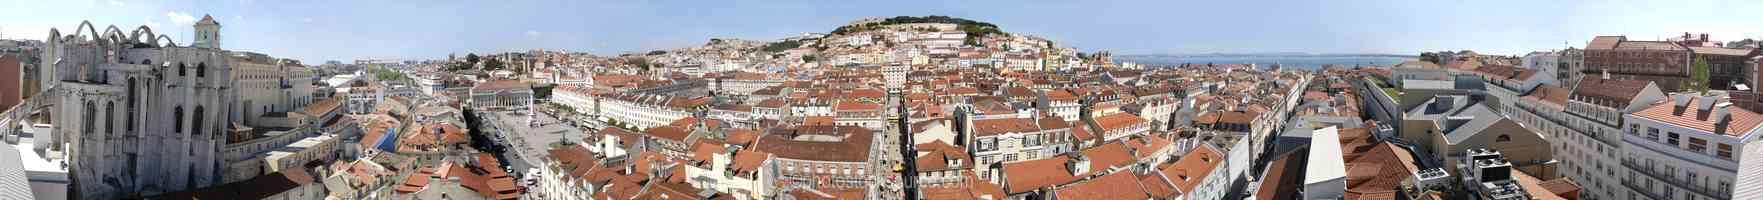 Baixa from Alfama